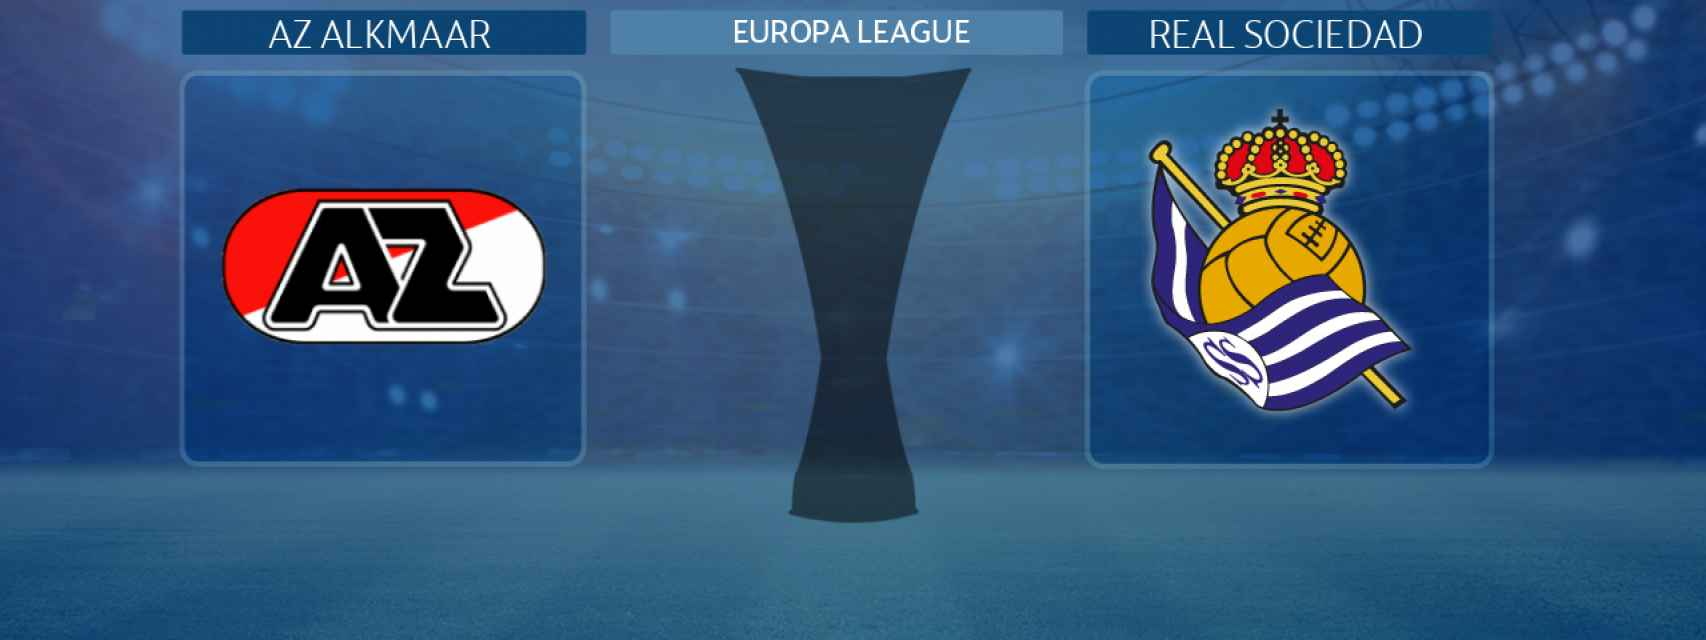 AZ Alkmaar - Real Sociedad:, partido de la Europa League